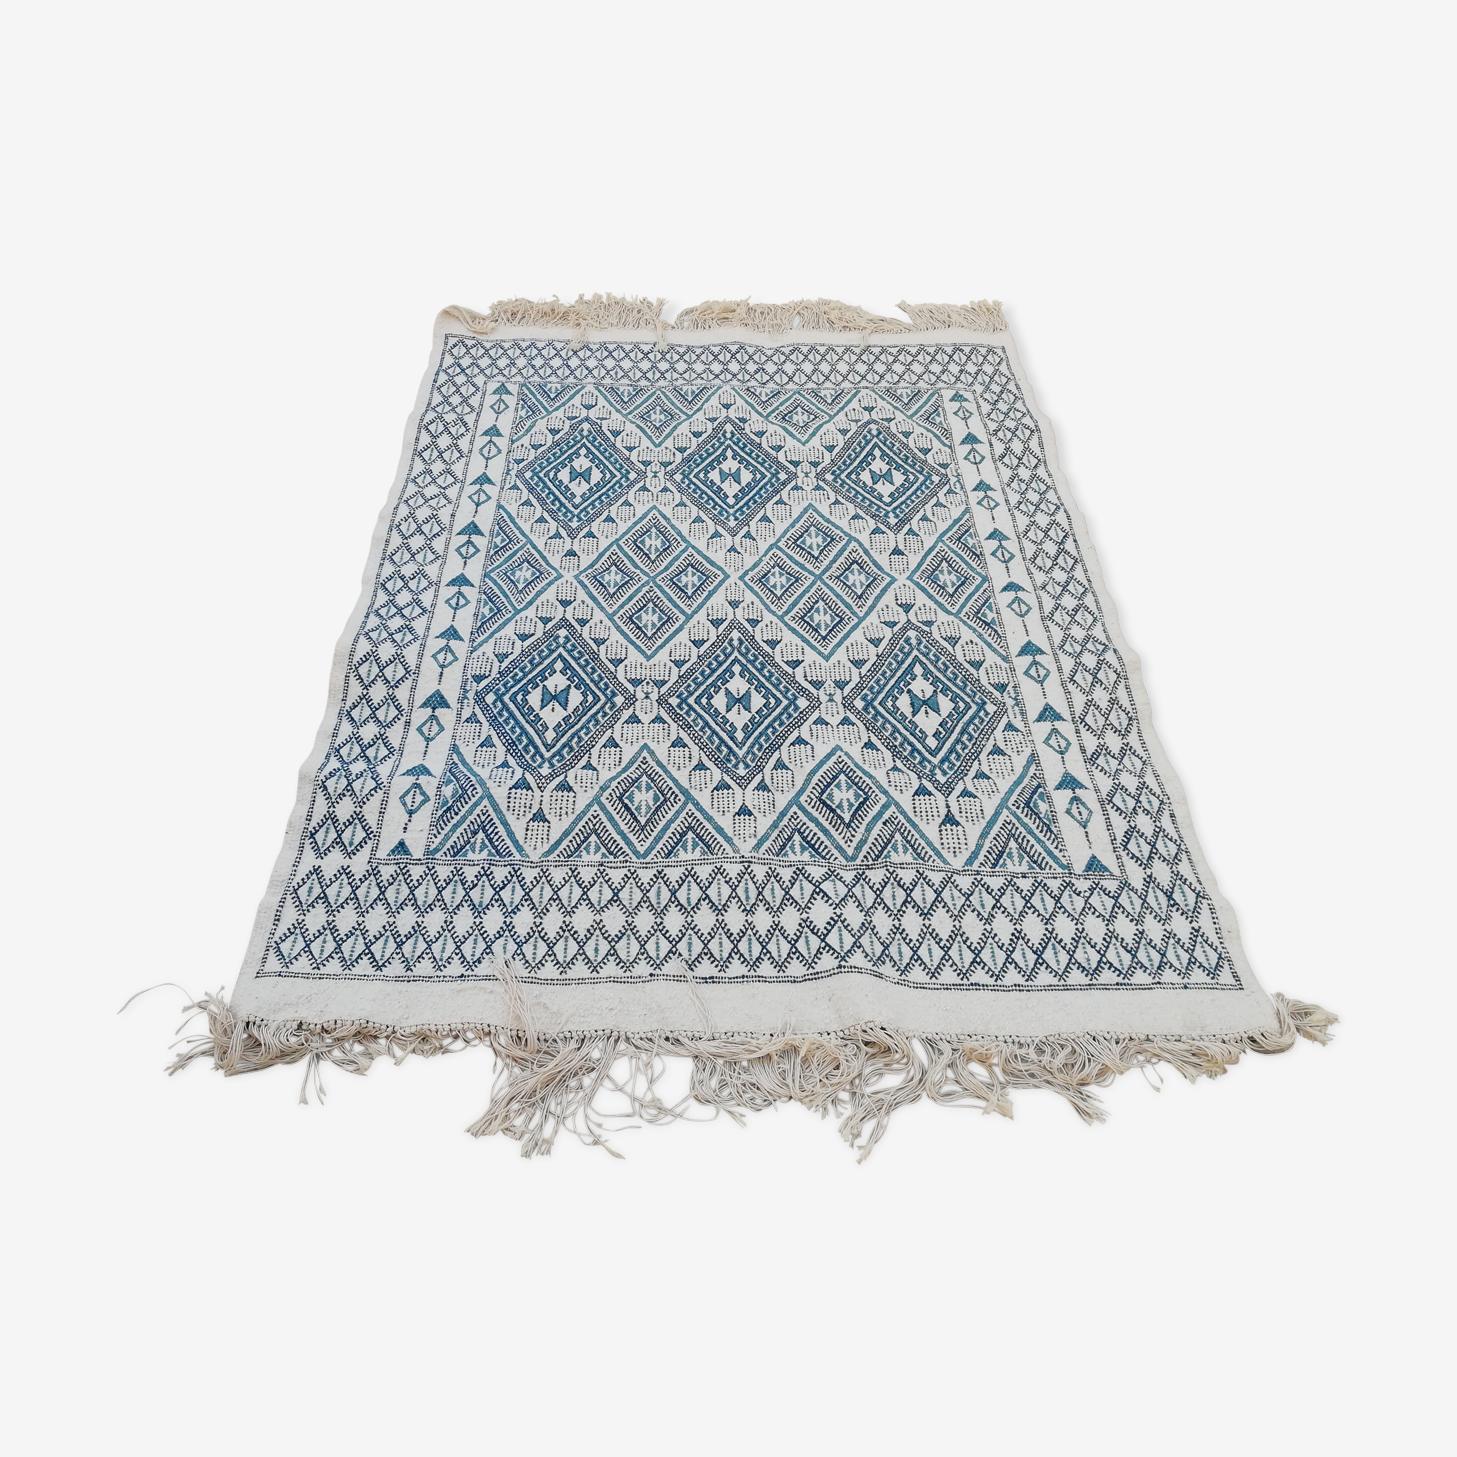 Tapis Bleu Tapis Blanc Tapis Berbere Tapis En Laine Tapis